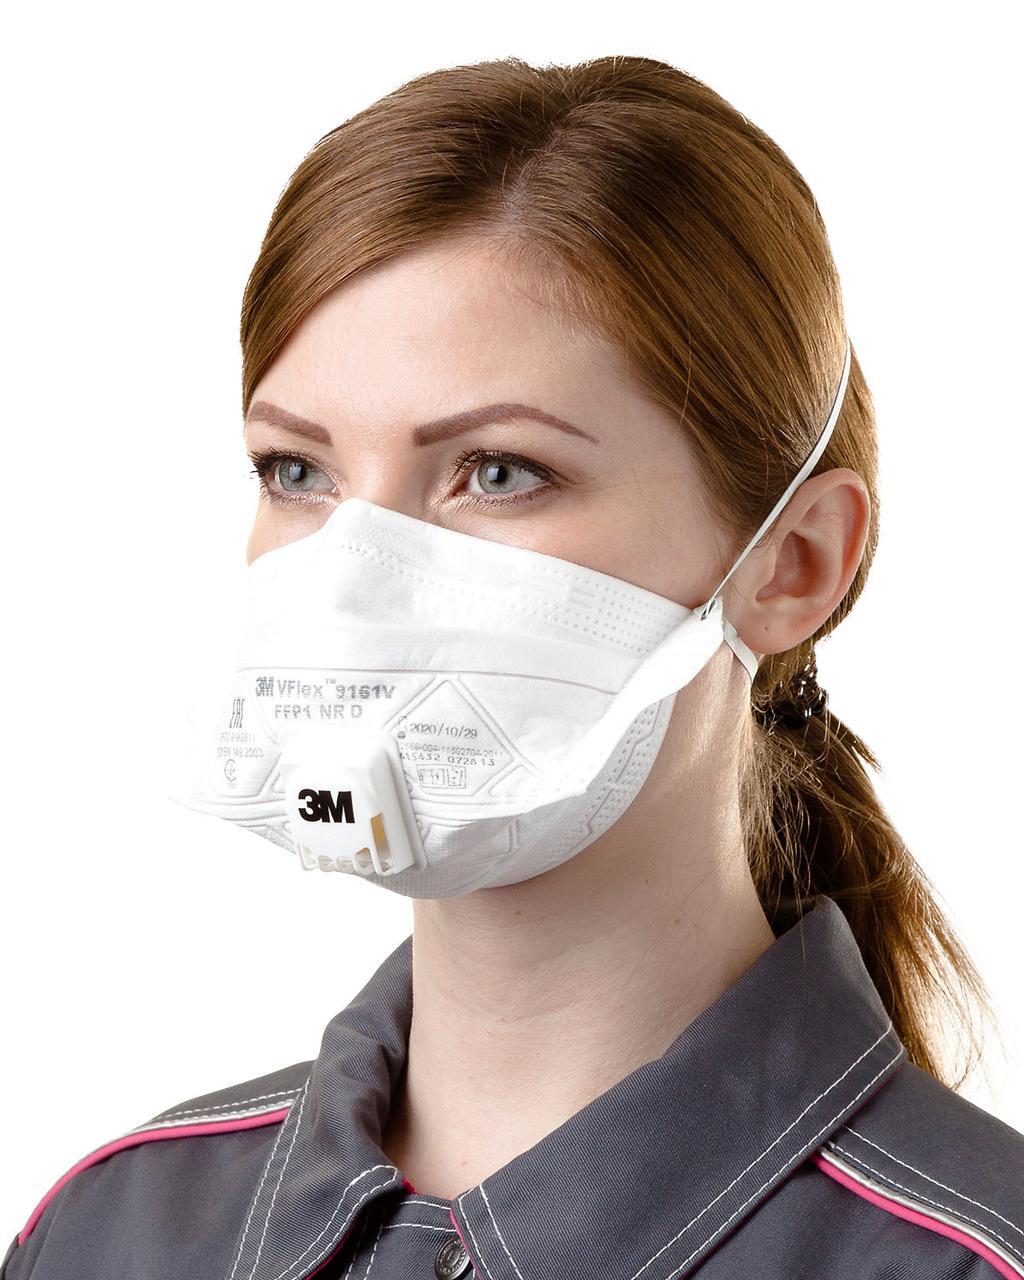 Респираторная маска 3М VFlex 9161 класс защиты FFP1 NR D продается кратно упаковке 15шт Original